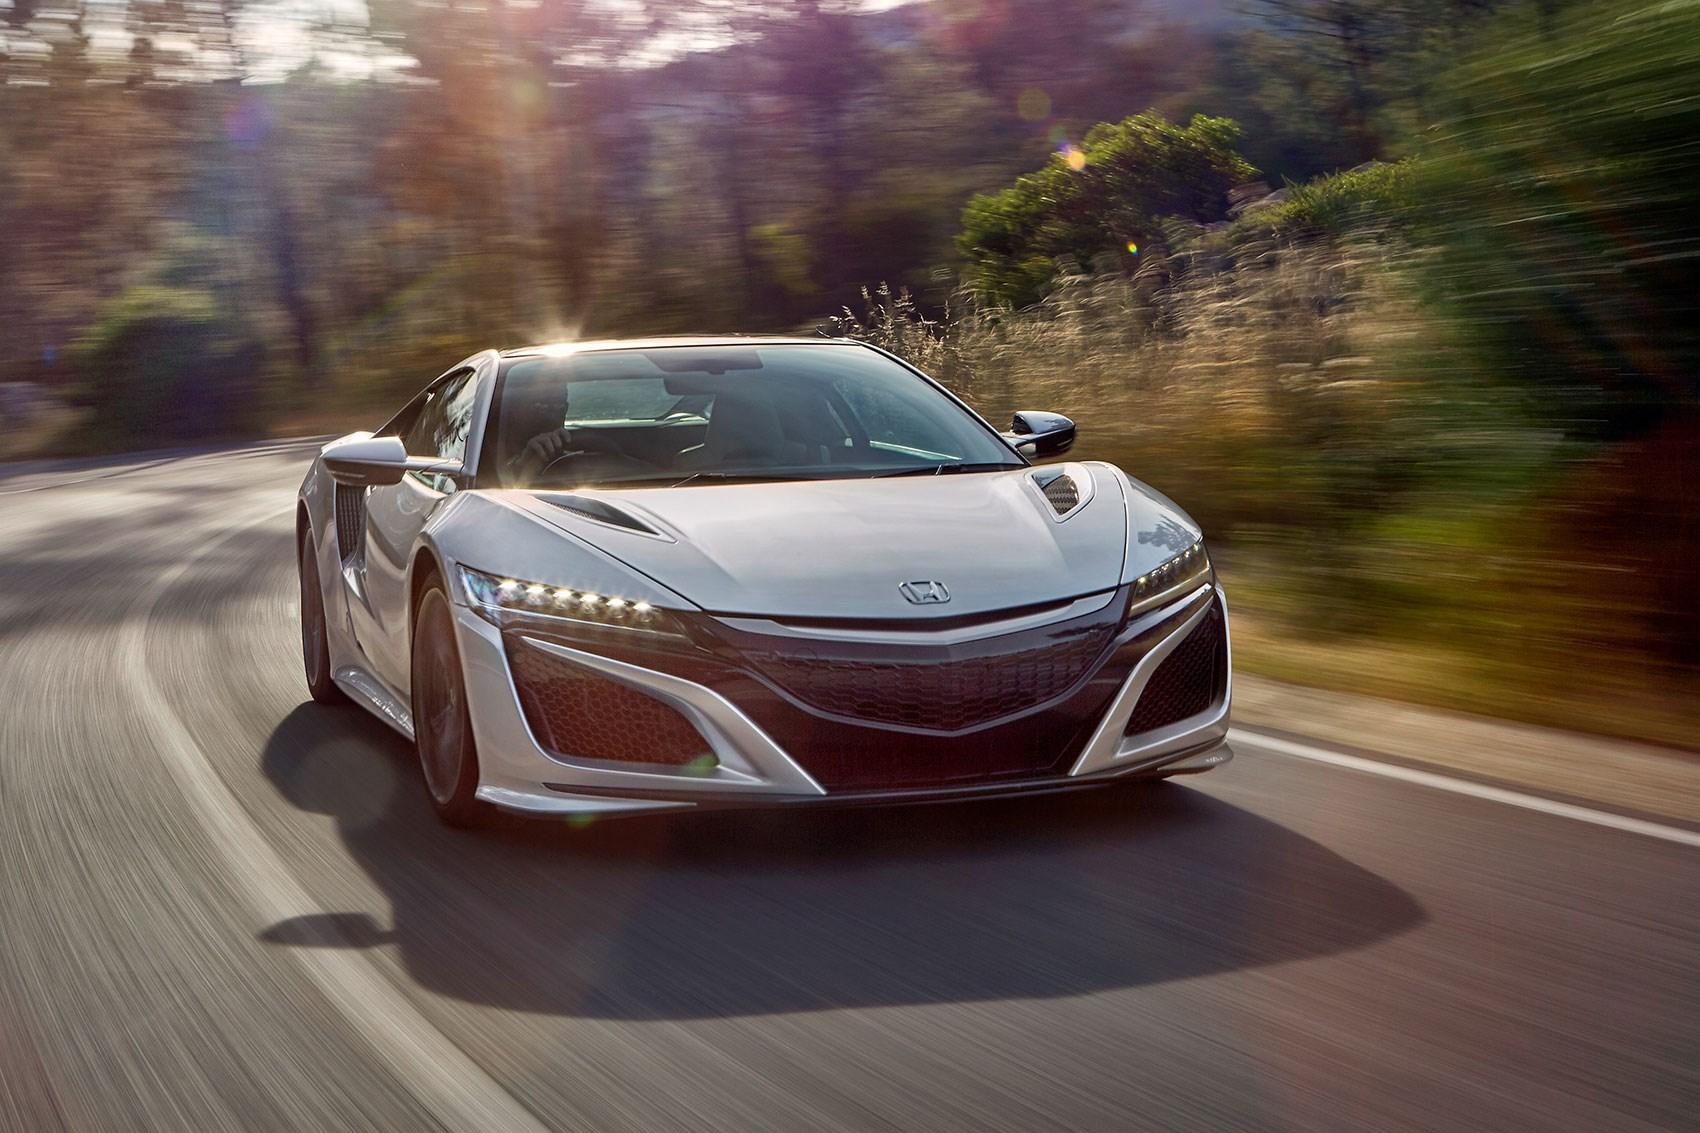 Honda Nsx 2017 Review Full Uk Test